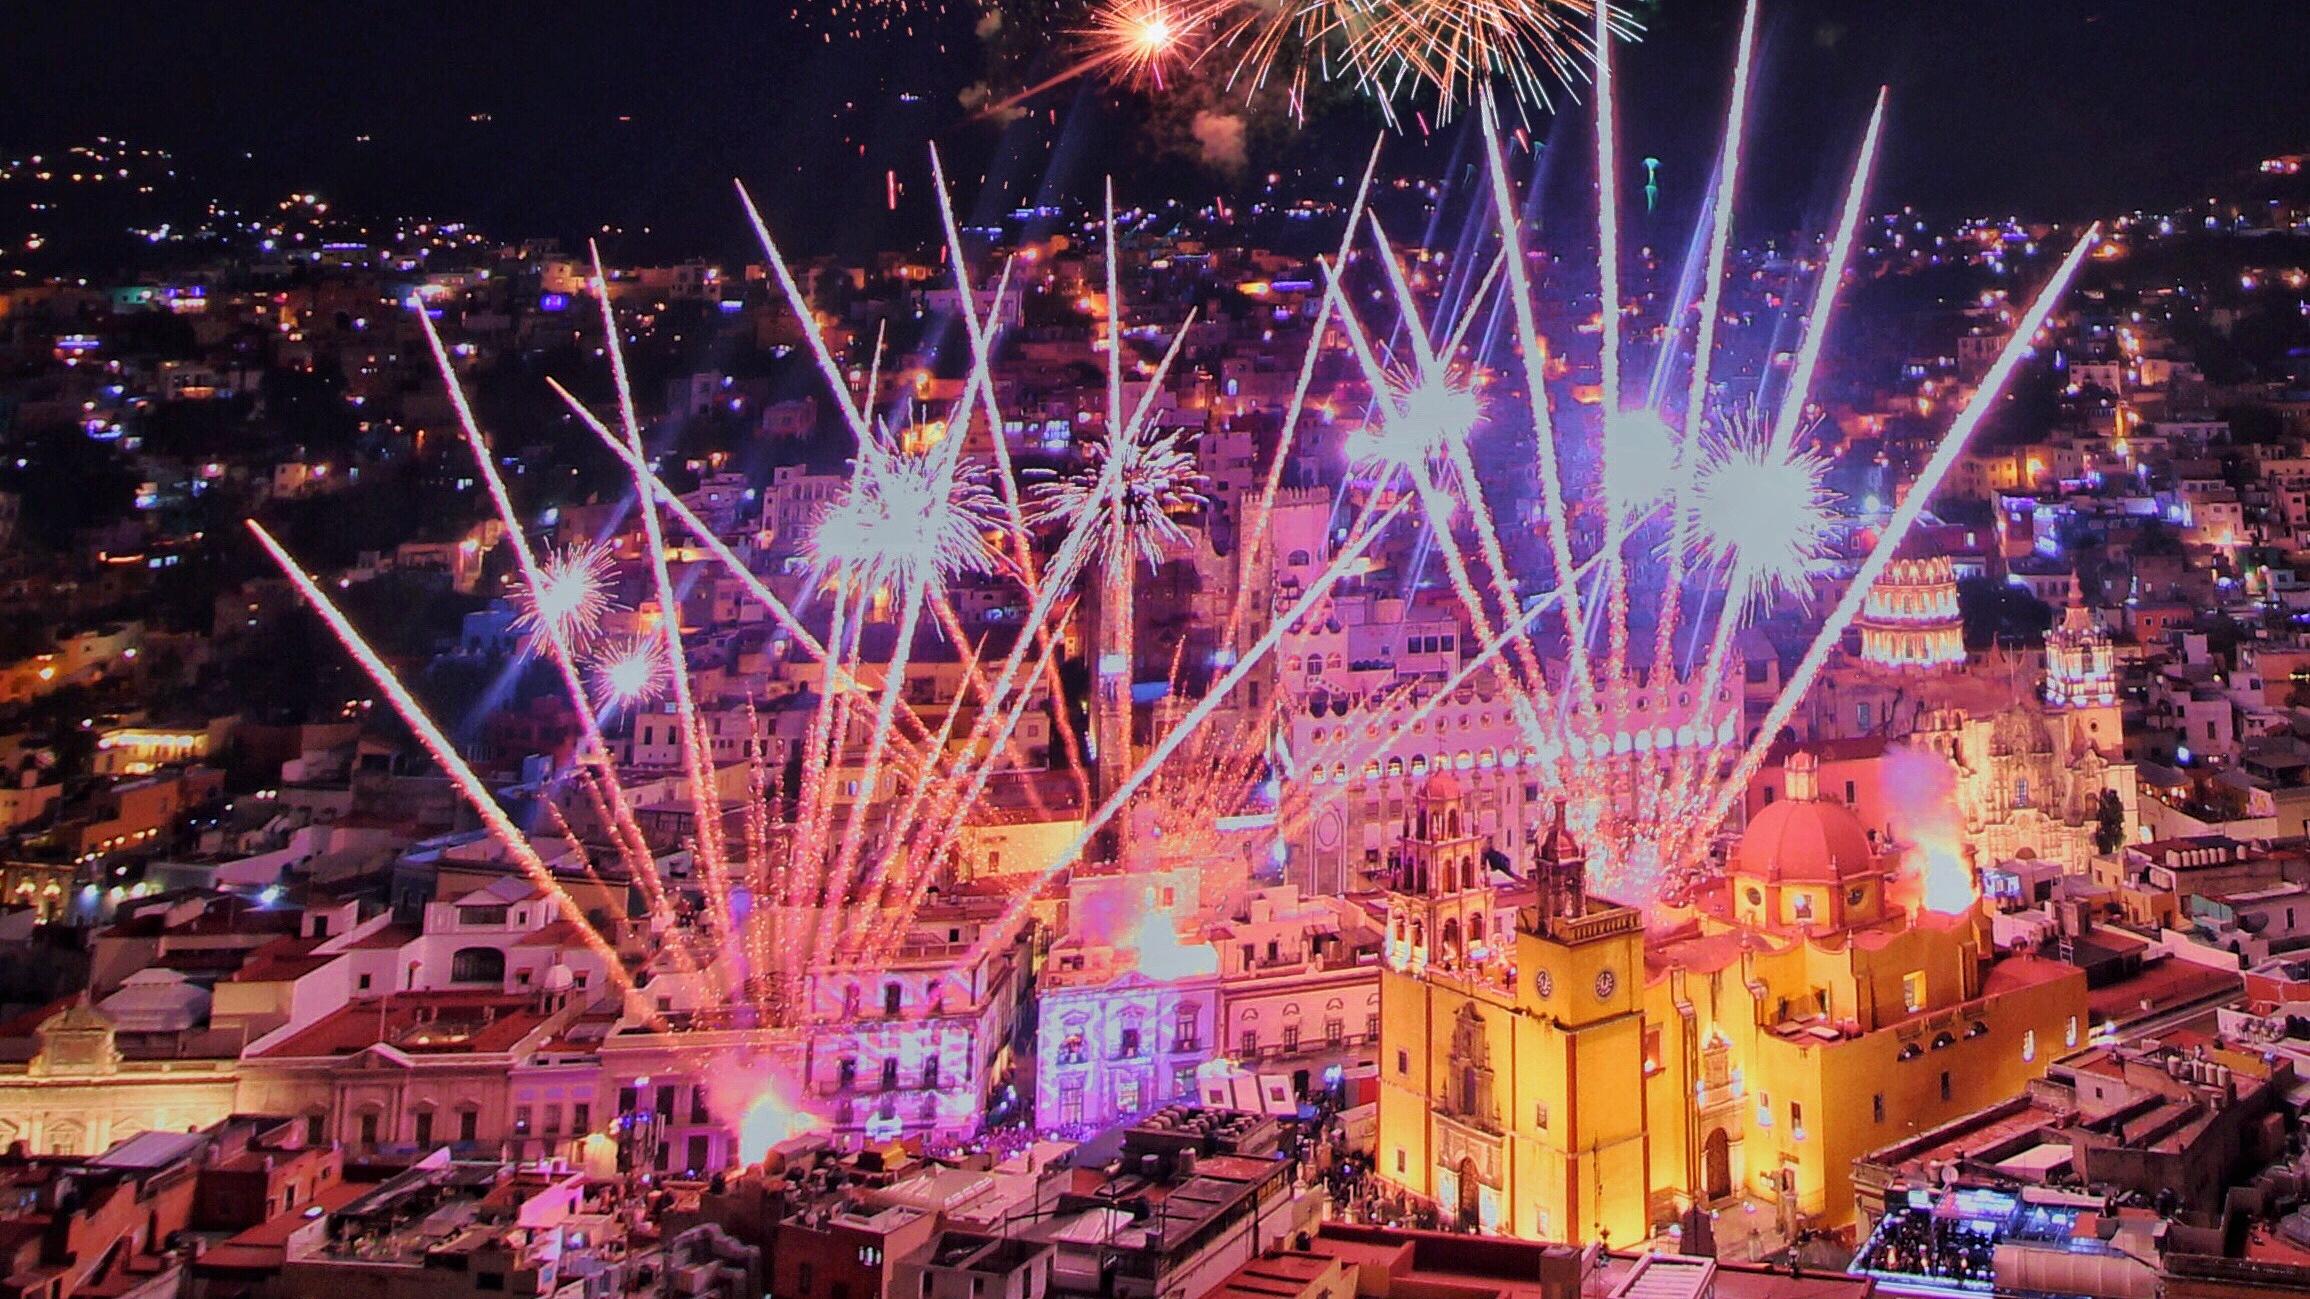 Celebrar las fiestas patrias en Guanajuato capital: dónde comer, beber y ser feliz 🎉 🇲🇽